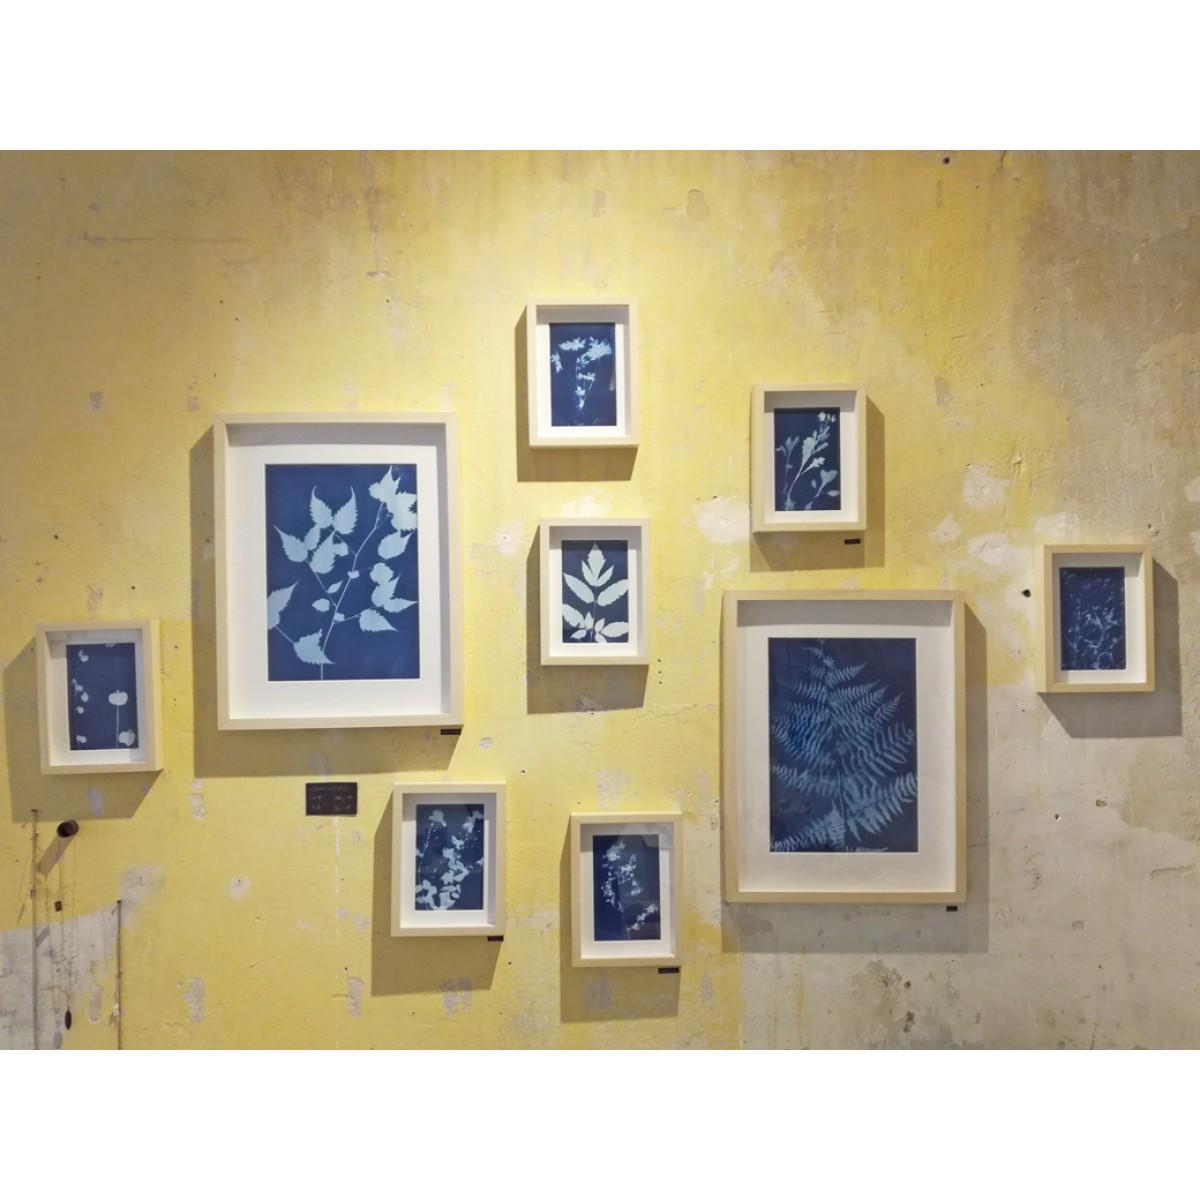 Anka Büchler, Löwenzahn, Blaudruck,Cyanotypie, Unikat, A6, gerahmt, Motiv 2